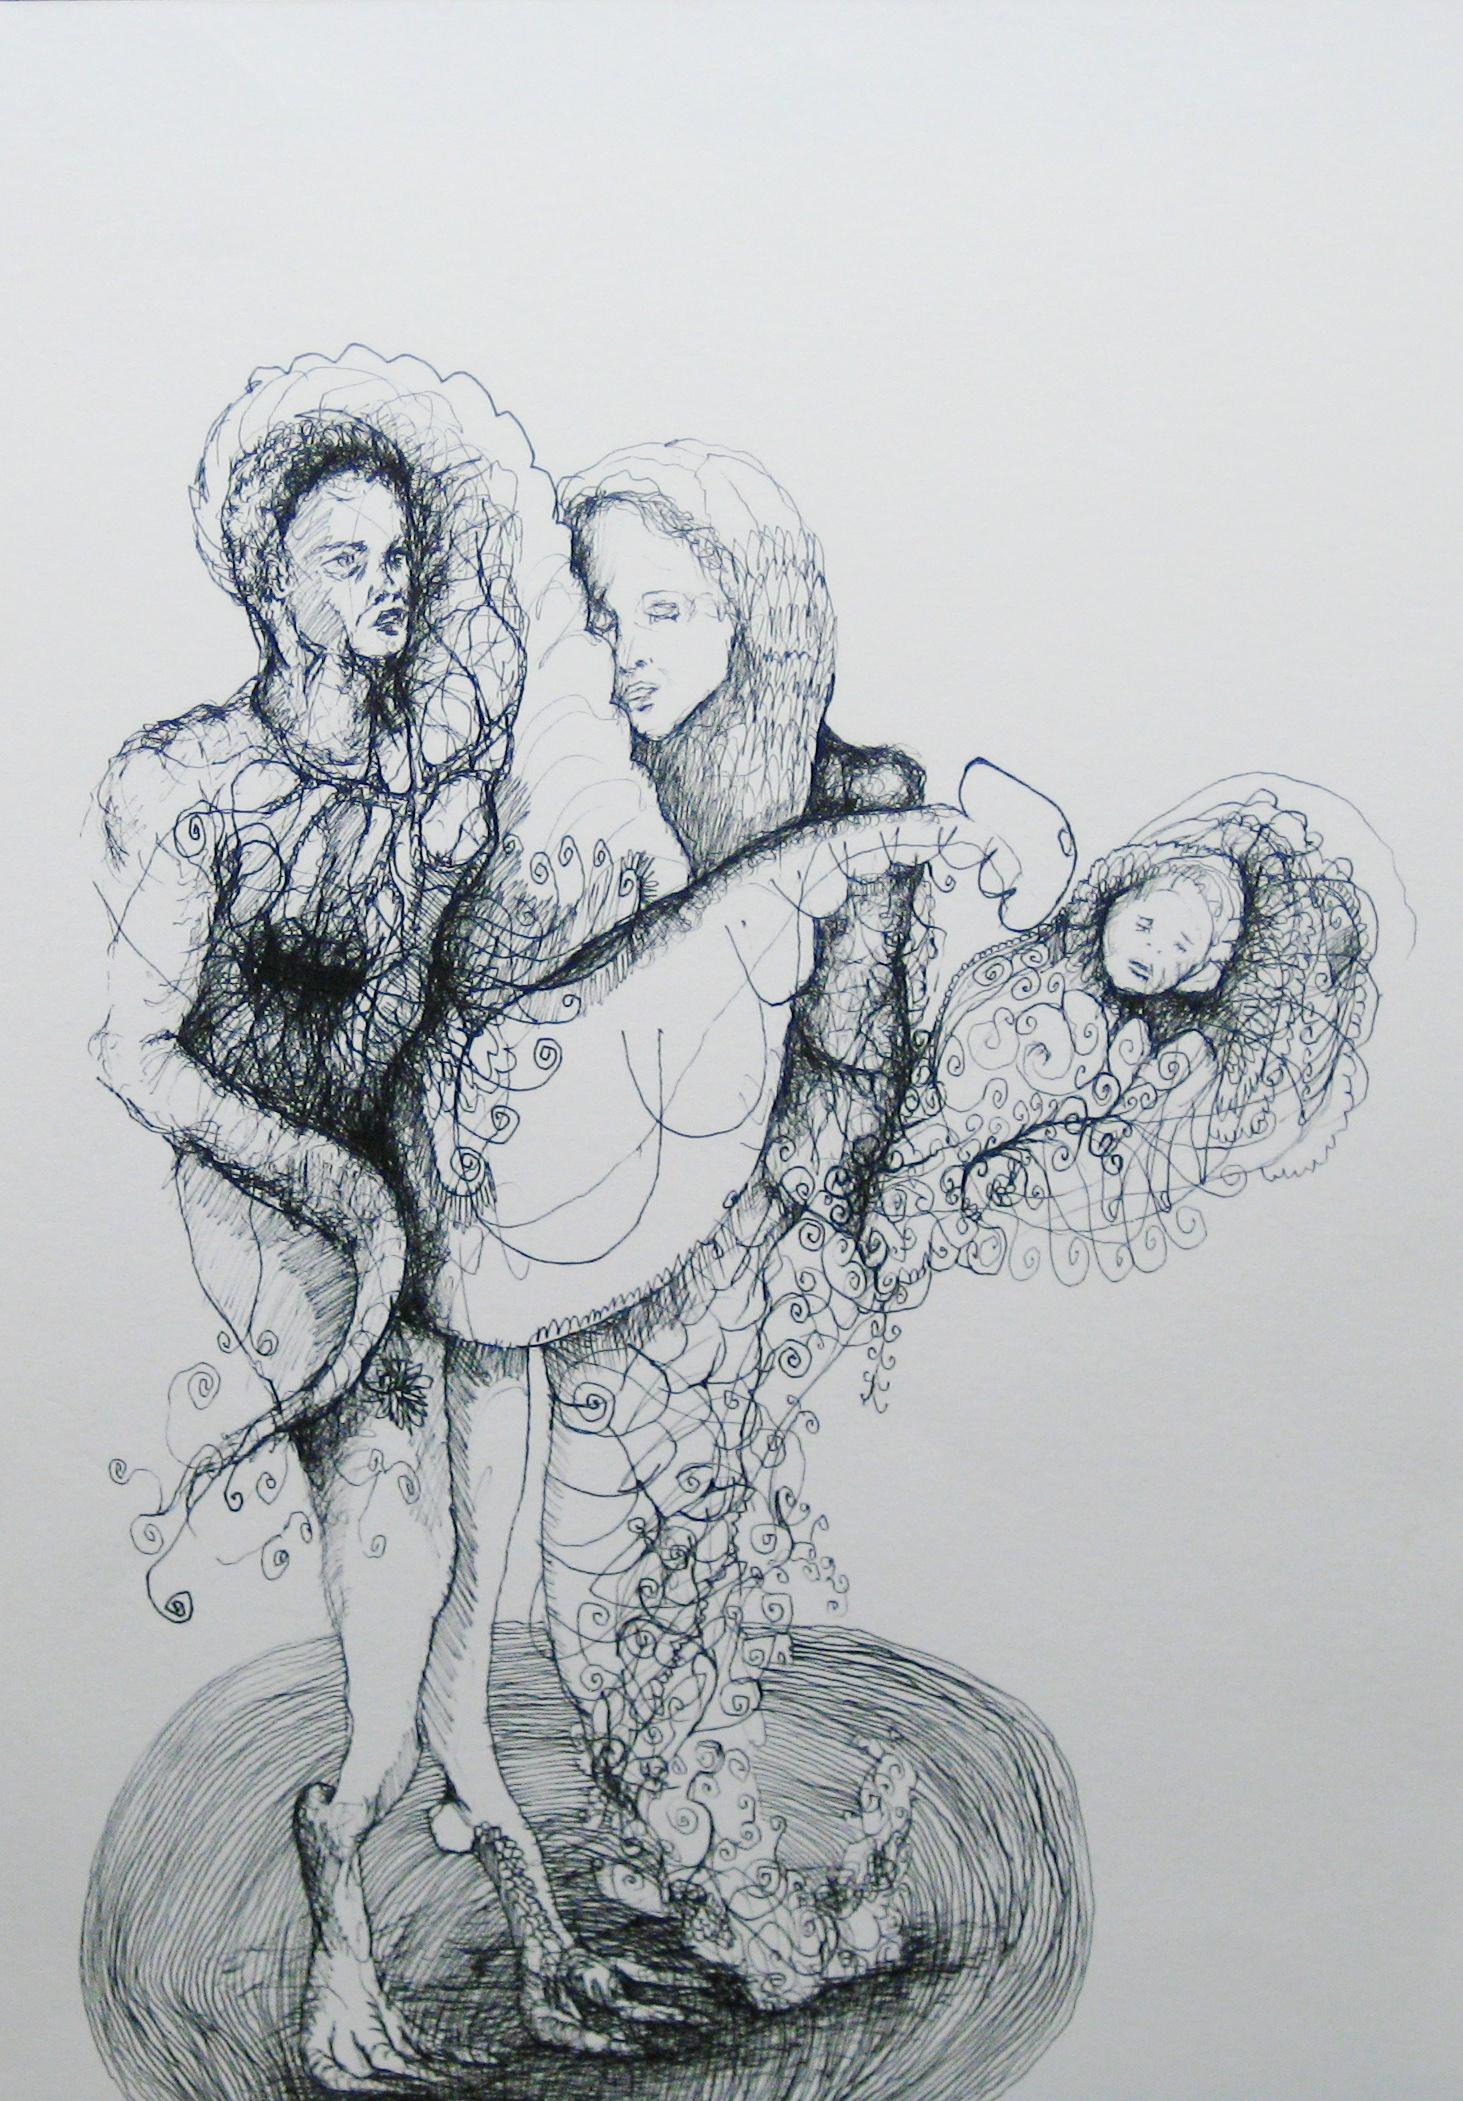 2012-Zeichnung-Sex-53-penis-baby-liebe-partnerschaft-Luisa-Pohlmann-Kunst-Berlin